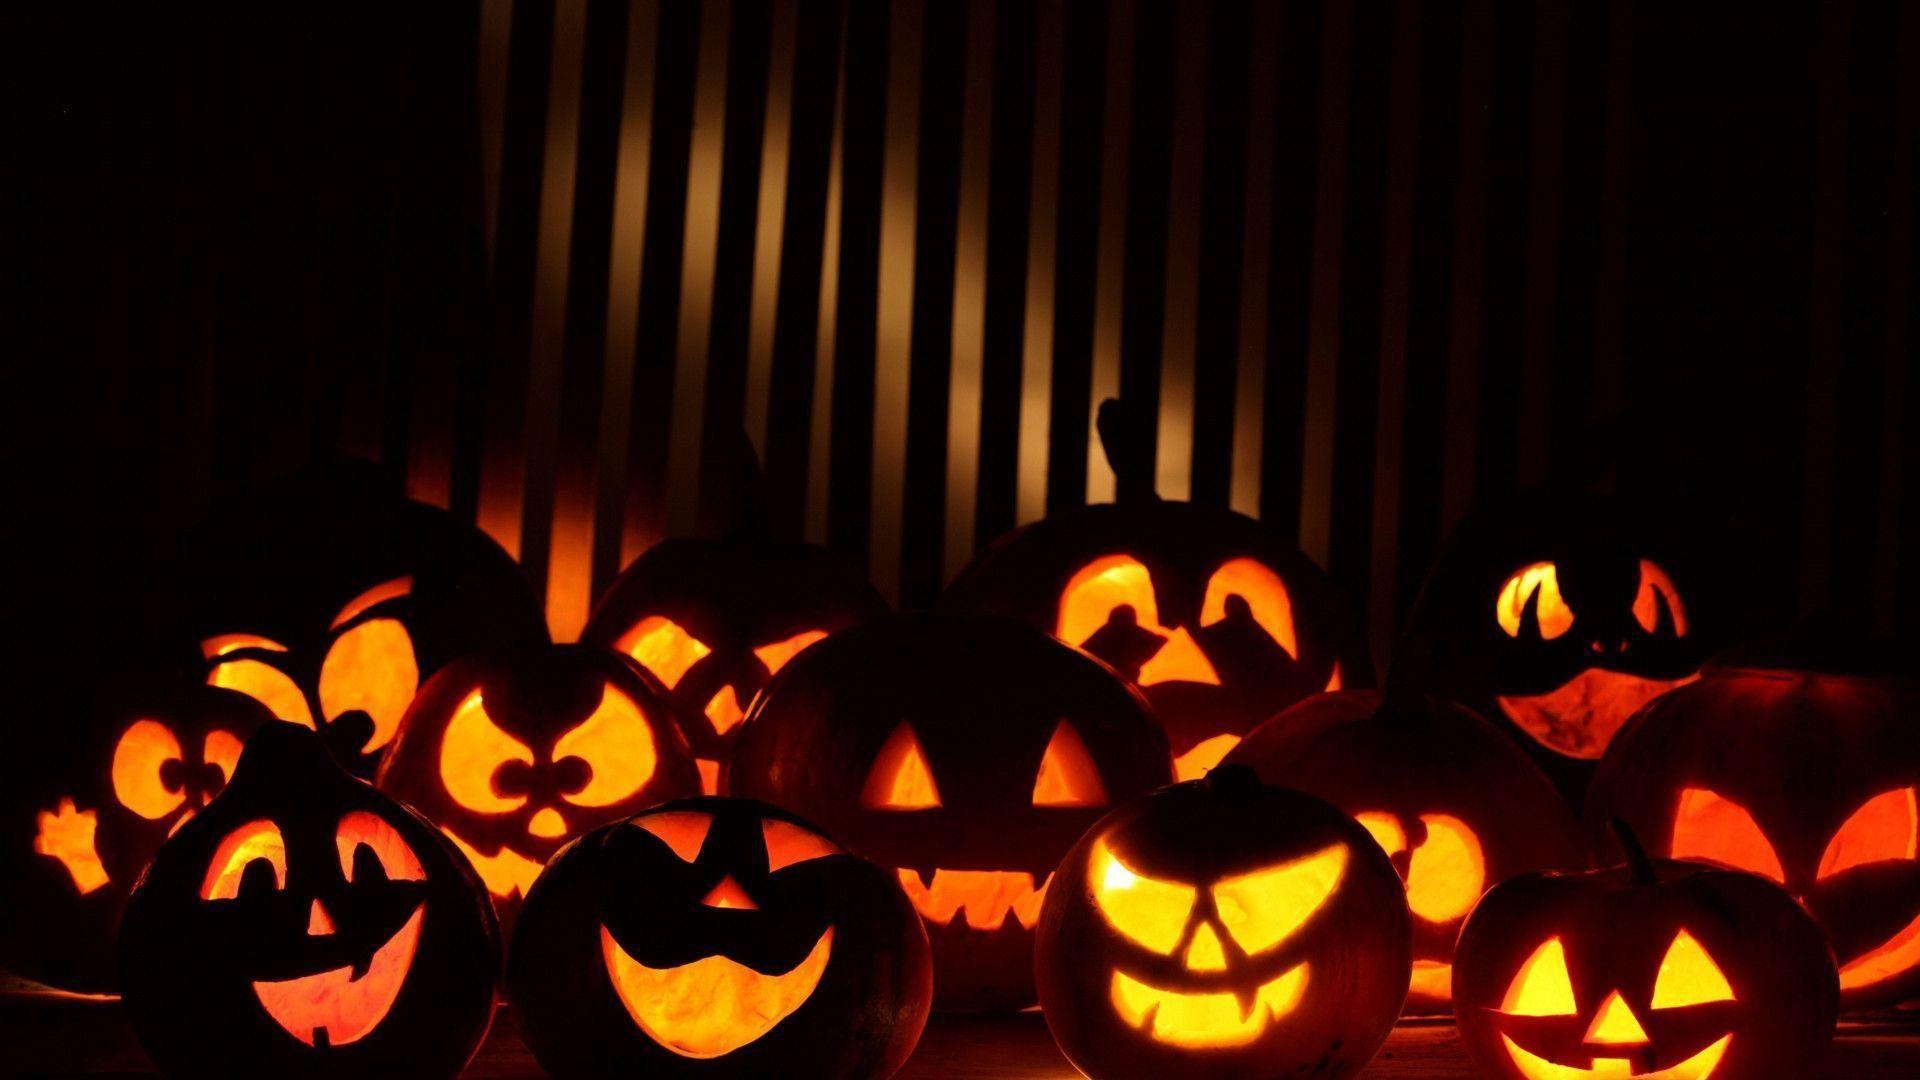 Hd Halloween Desktop Backgrounds 77 Images